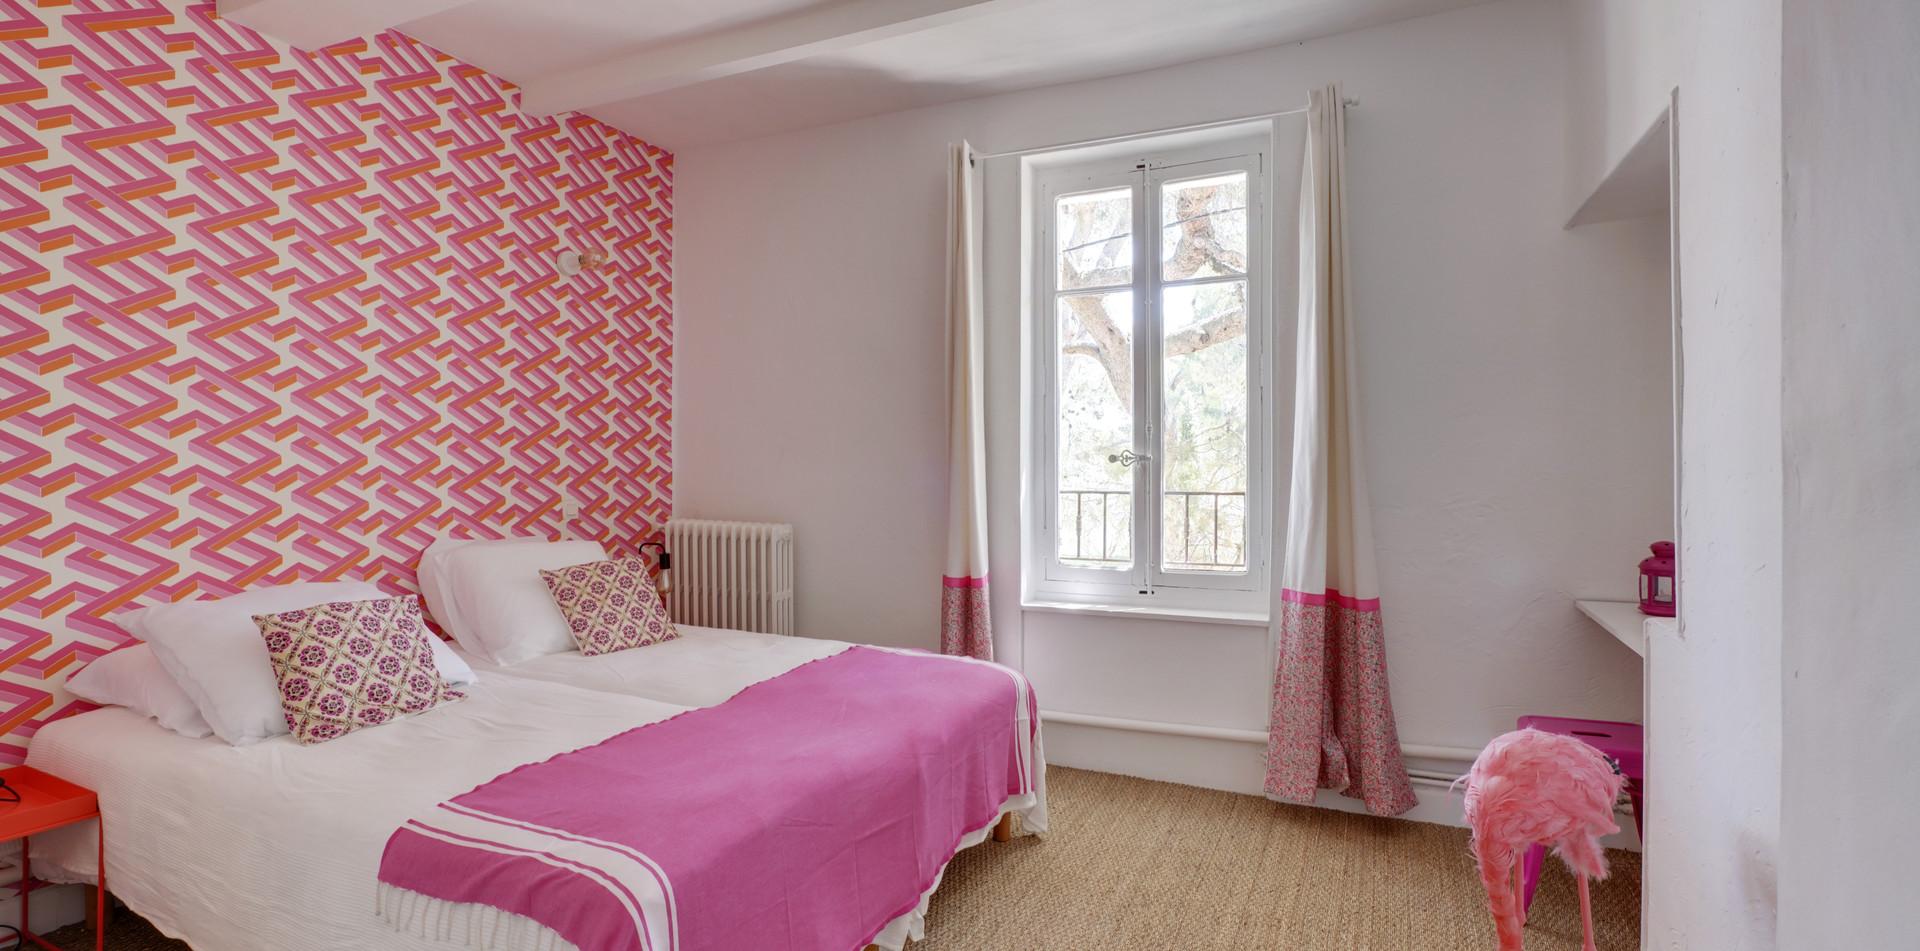 Maison des Souvenirs, bedroom 3, Mas Saint-Gens